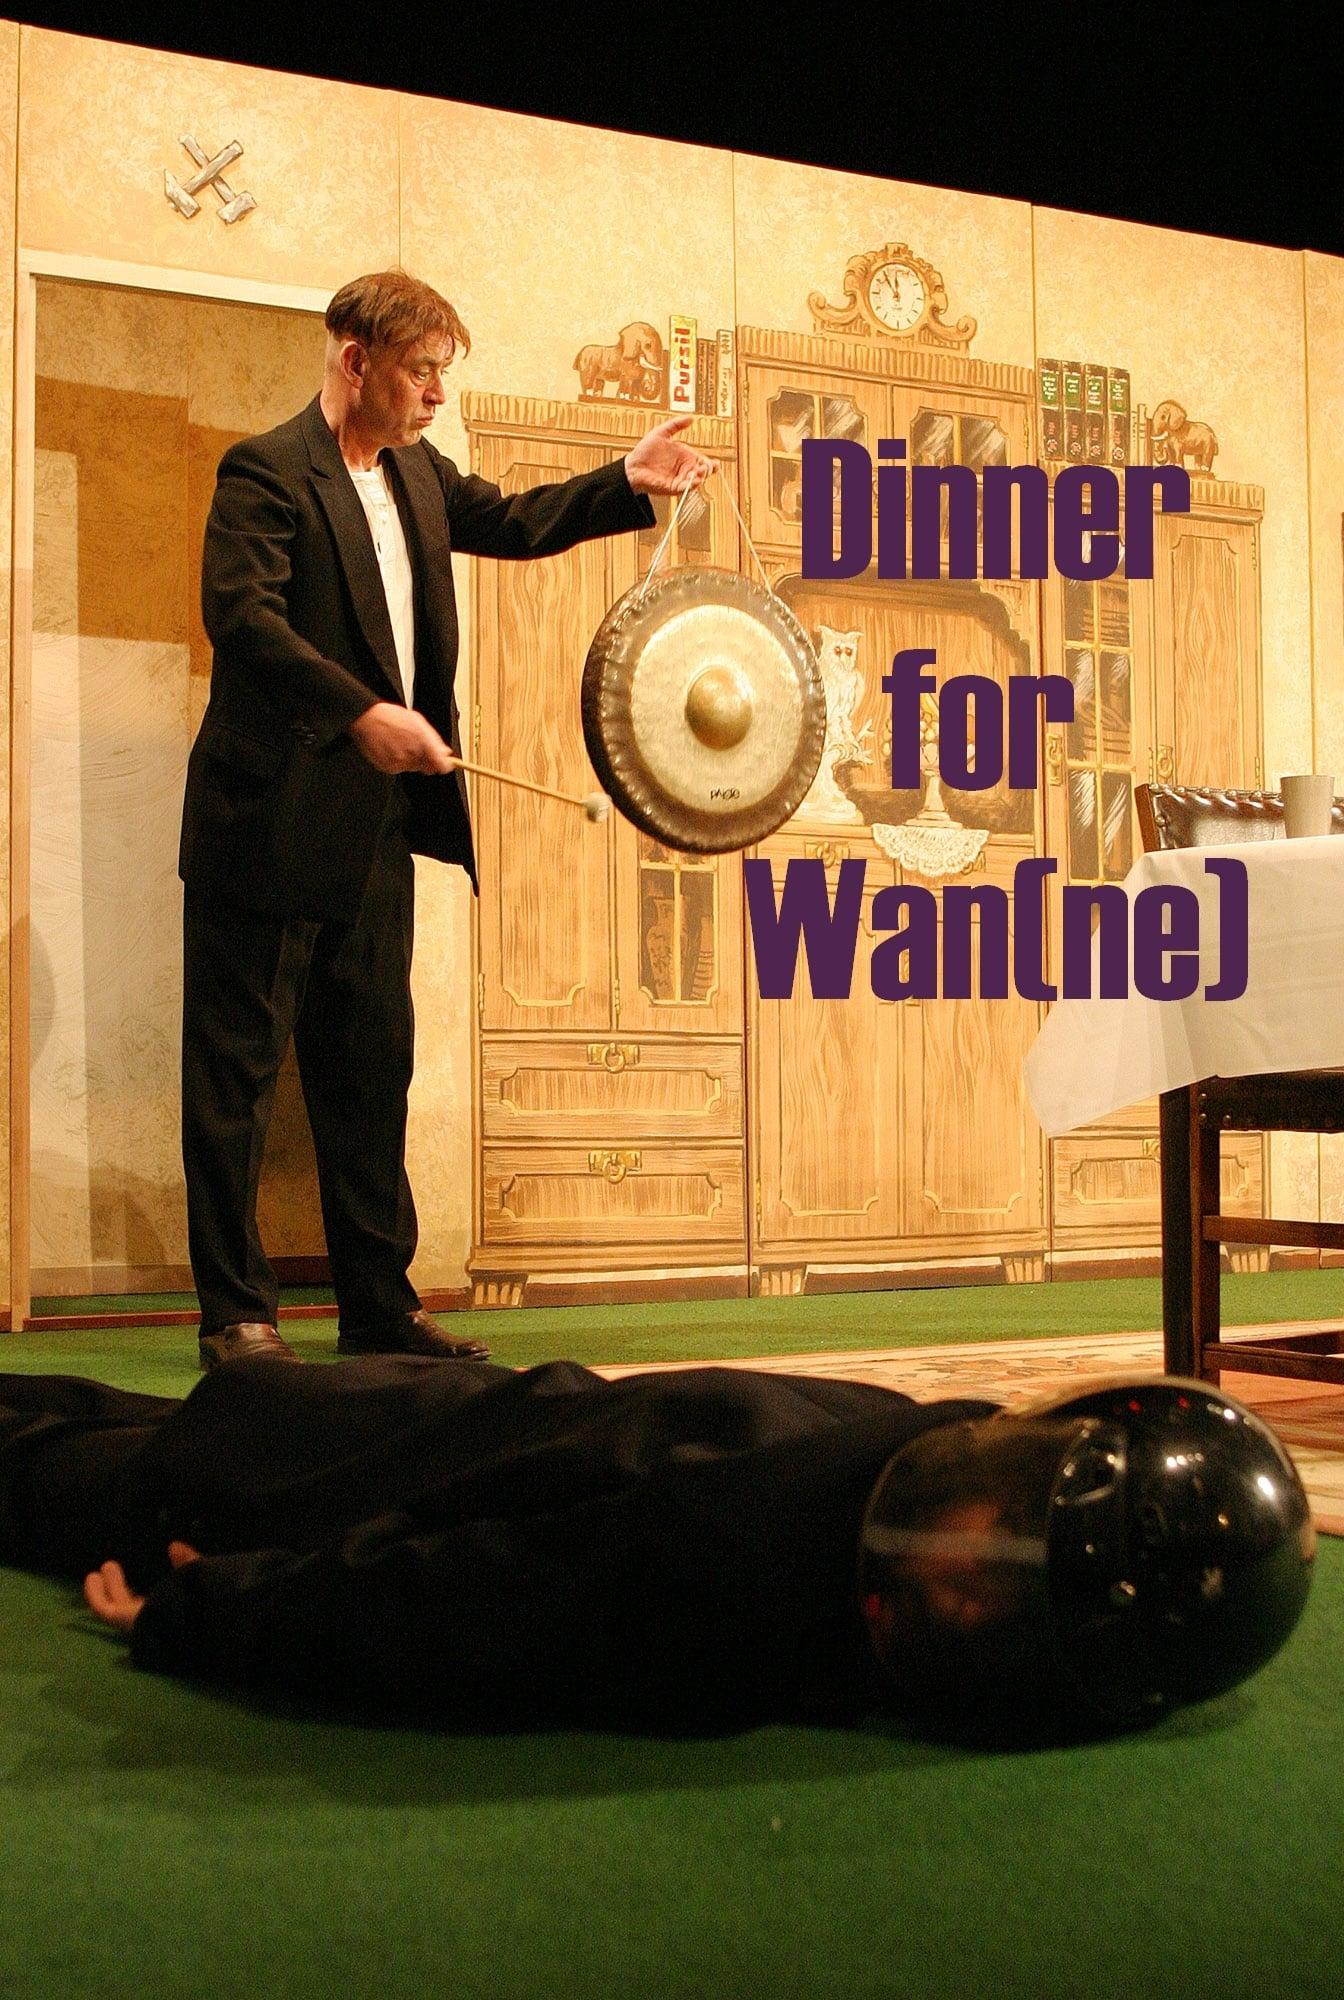 Dinner for Wan(ne)